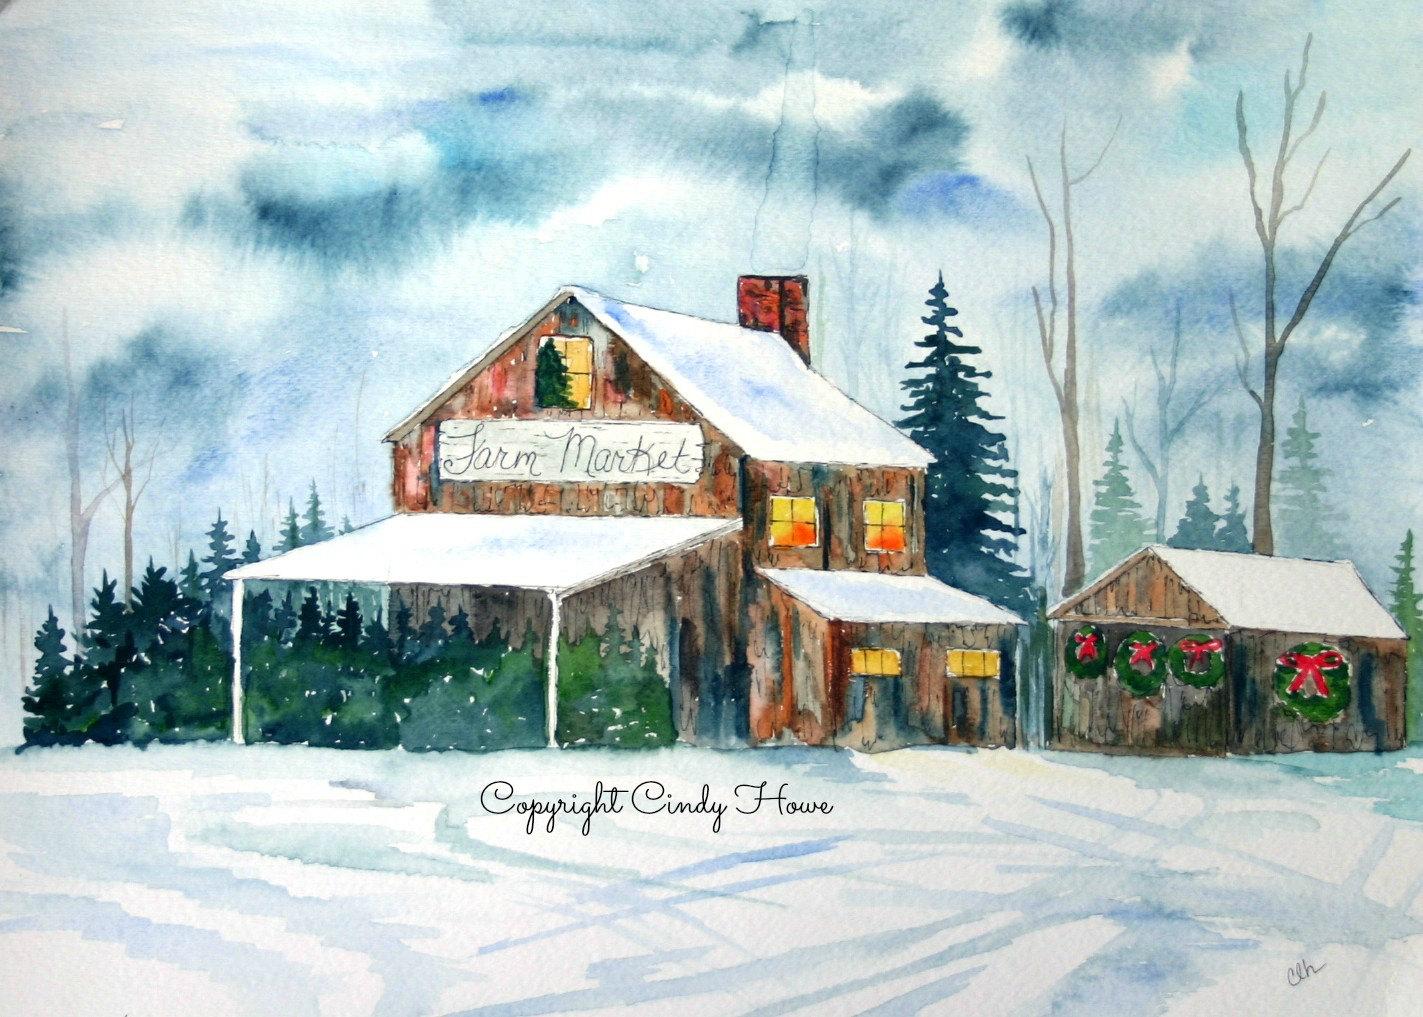 Snowy farm market 3 Greeting cards blank inside farm | Etsy